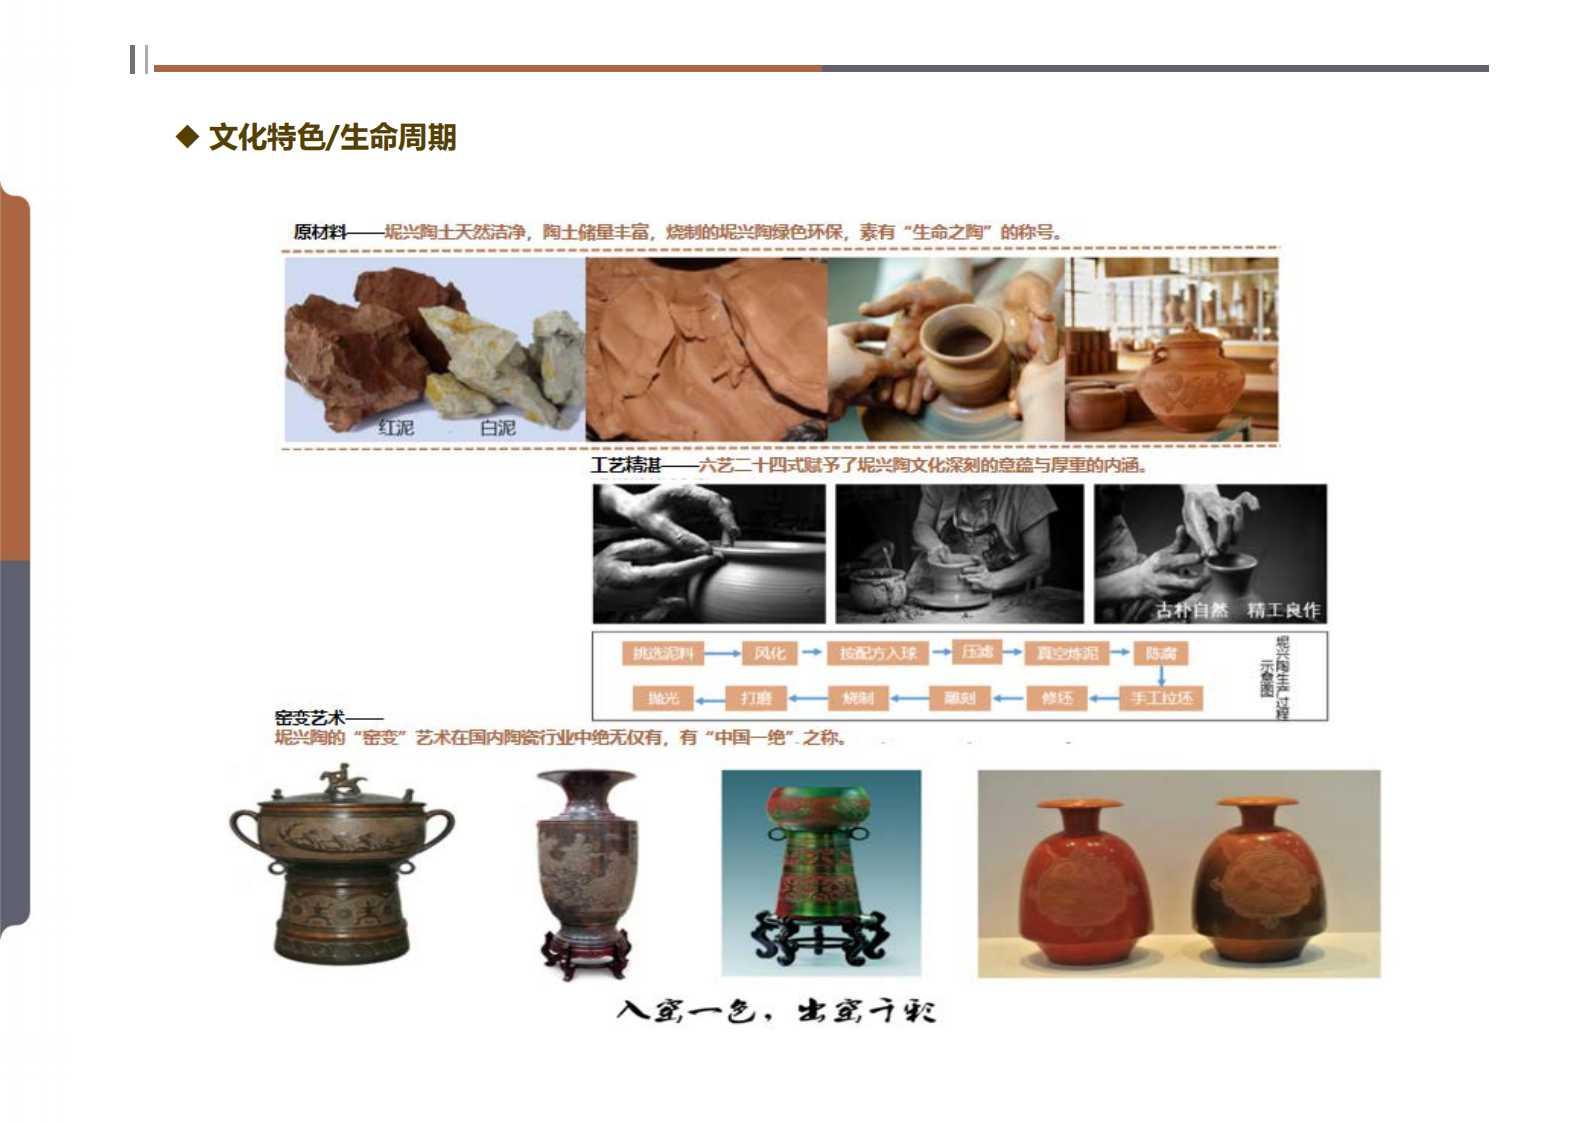 钦州坭兴陶特色小镇项目简介(4)_08.png